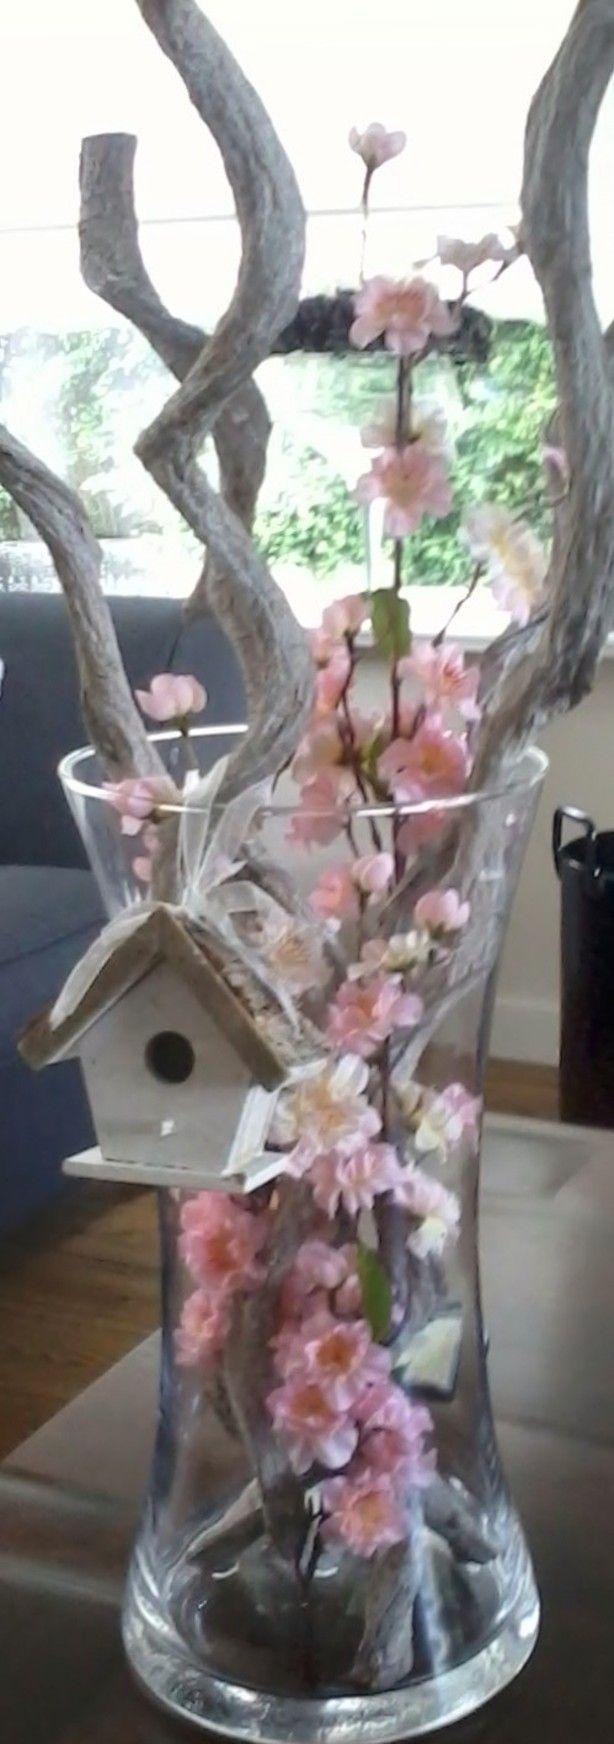 Beetje wazige foto, maar het gaat om het idee. Doe een aantal takken in een hoge vaas, (kunnen ook gewoon fruitboomtakken zijn) en stop er wat (kunst) bloemen tussen!